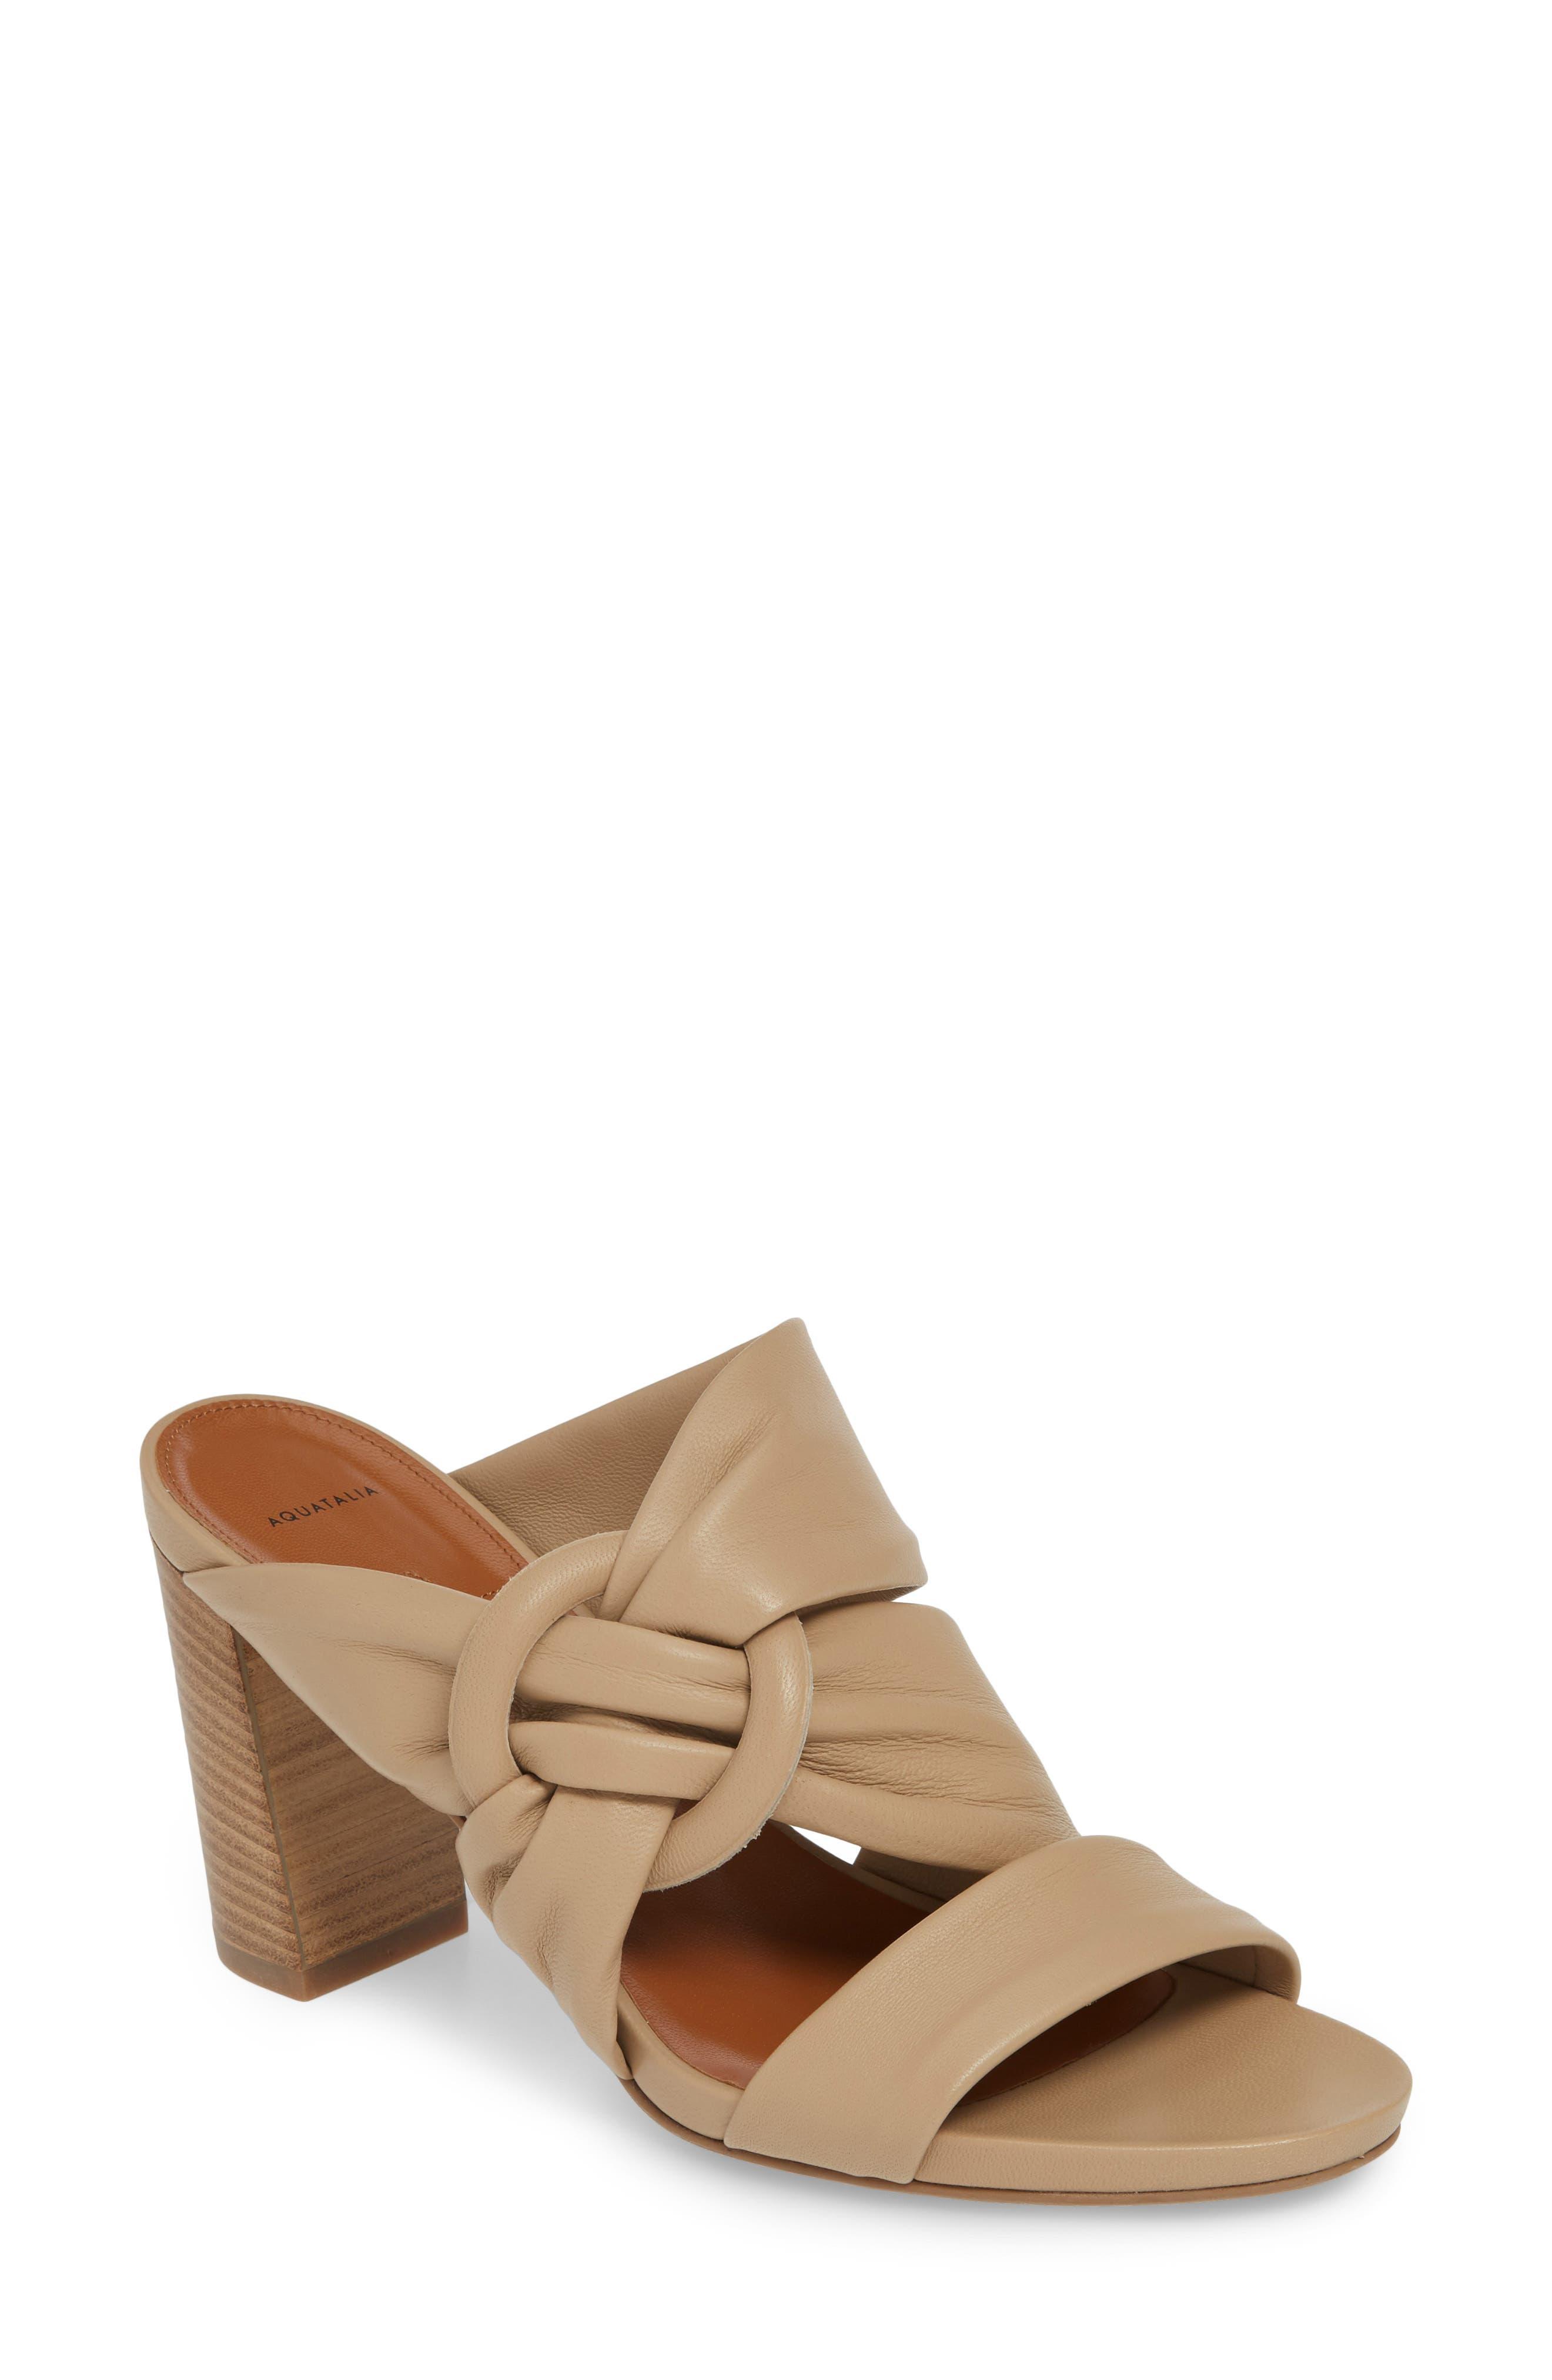 534db60e5c95 Women s Aquatalia Sandals